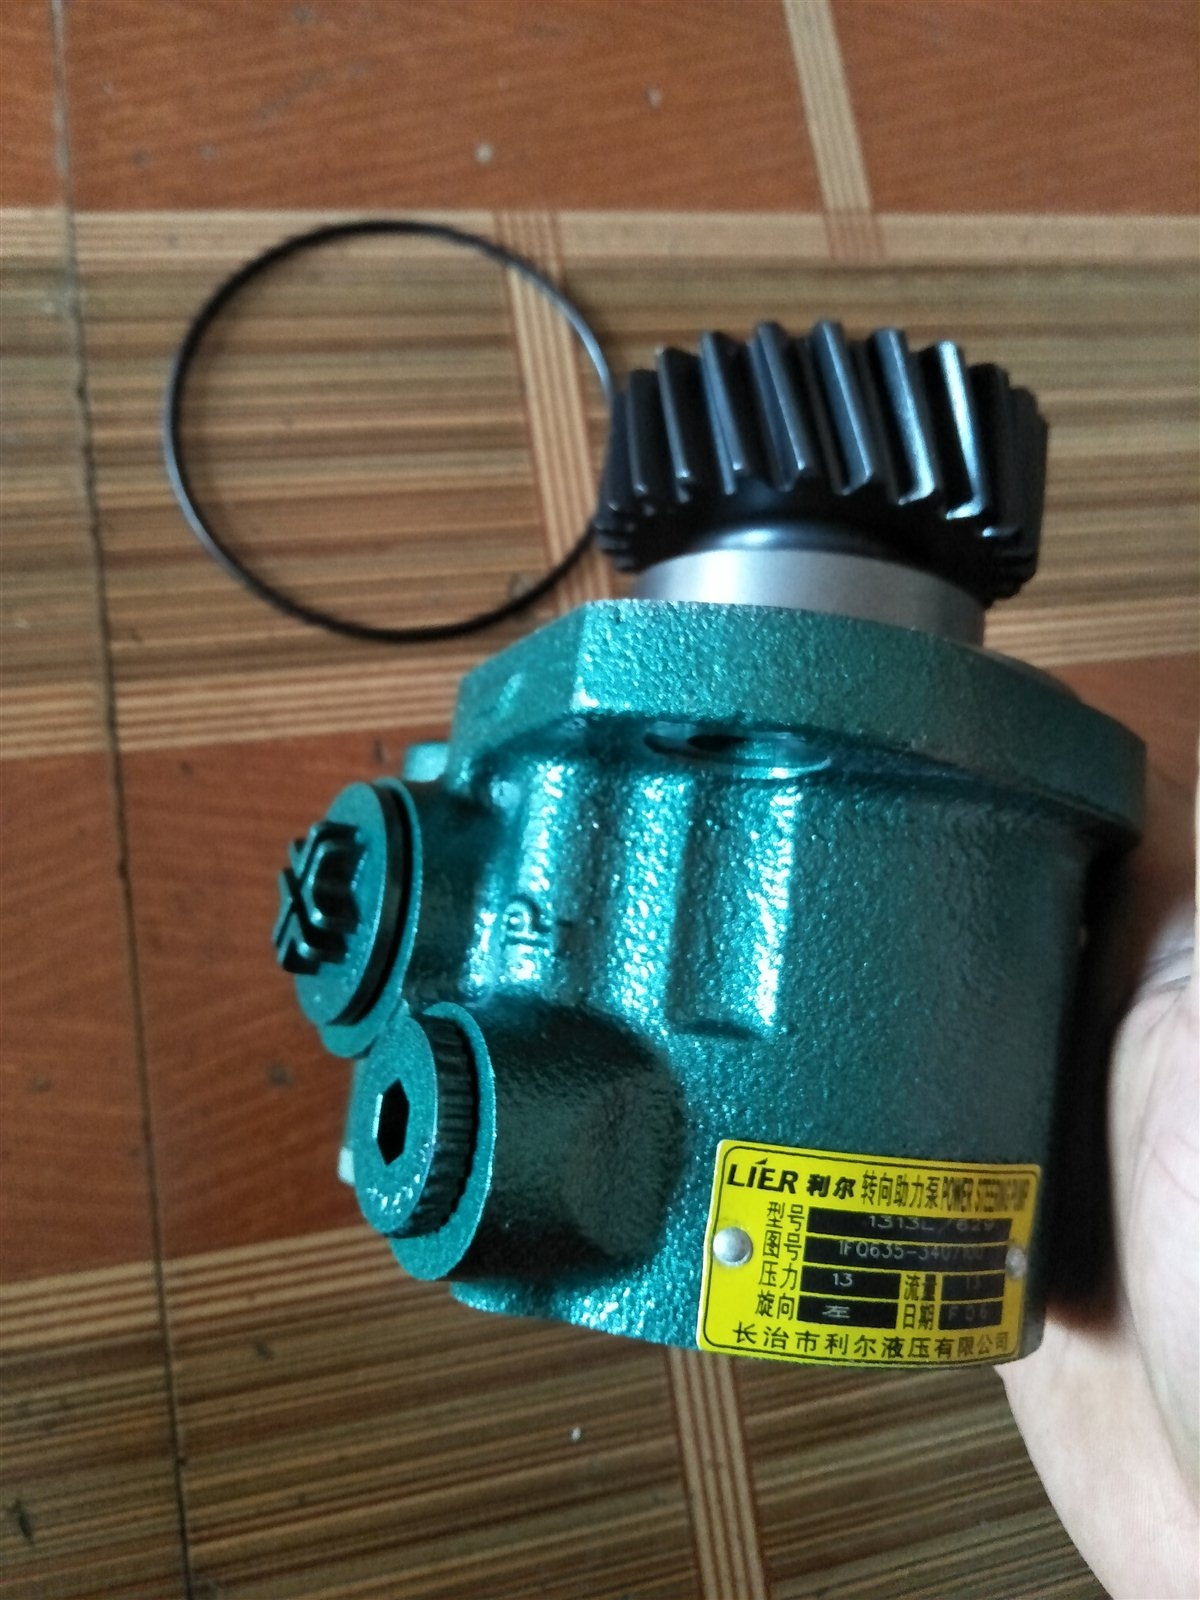 卖客货车方向机,助力泵,齿轮泵,油缸